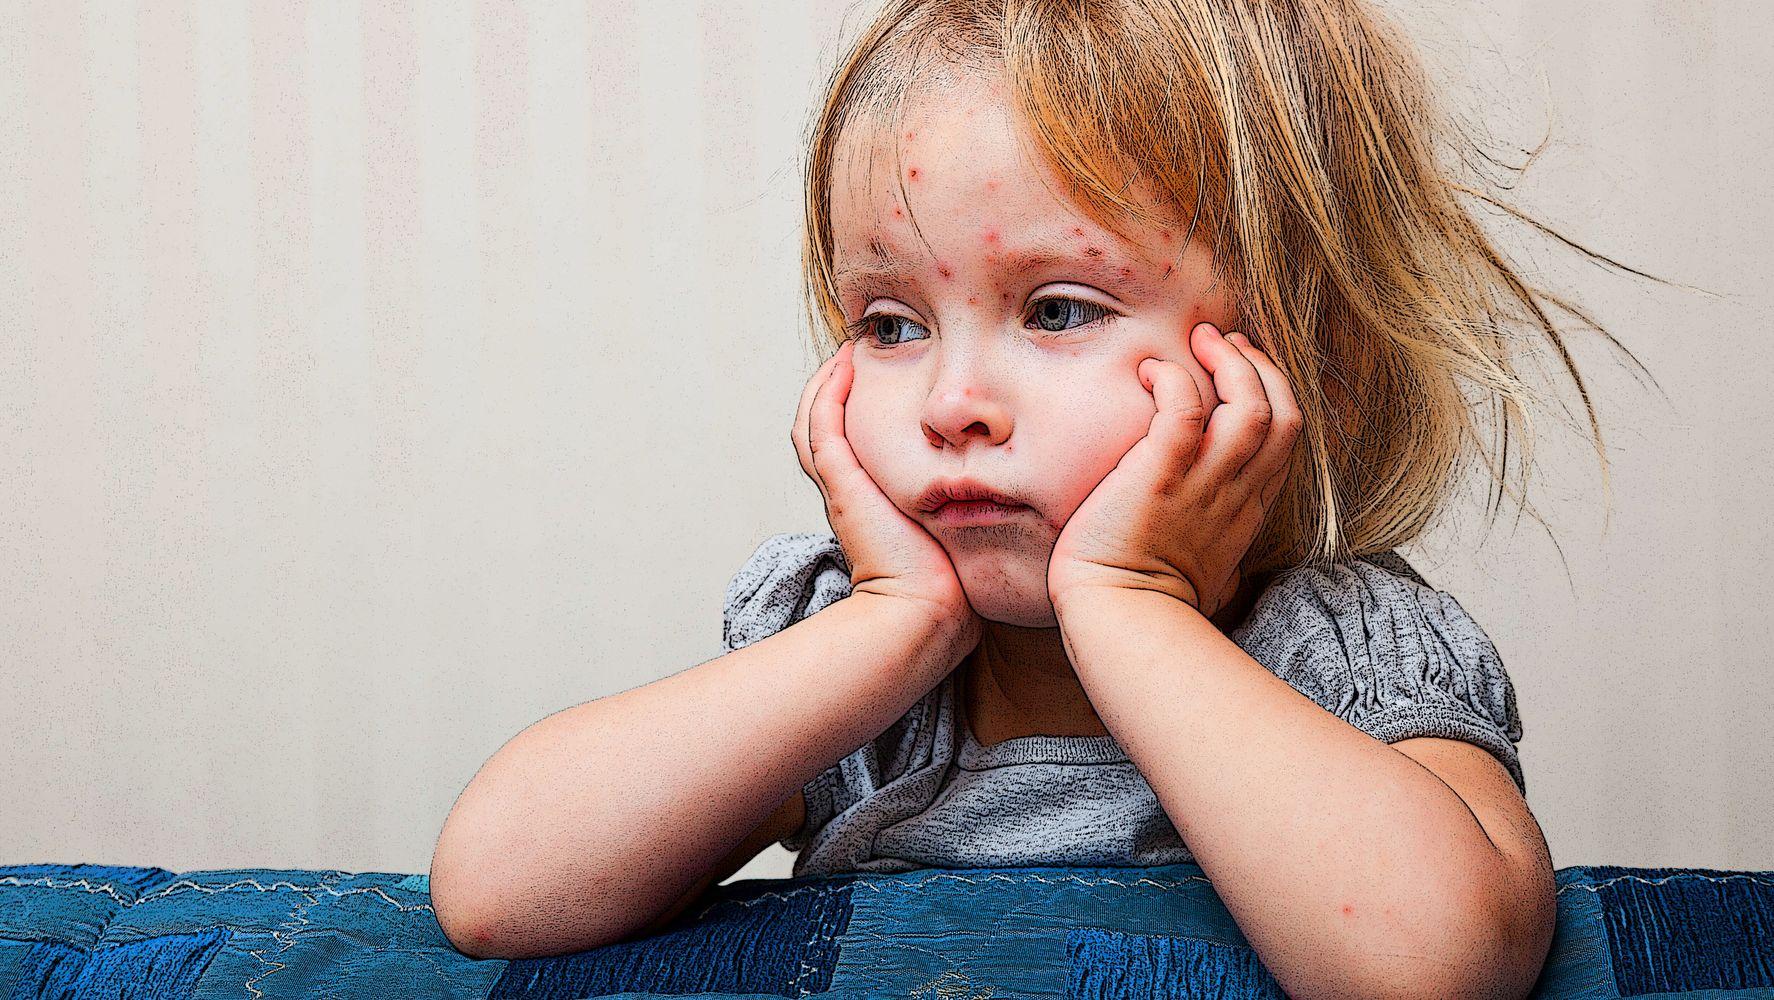 Hình ảnh trẻ em đứa bé trông có vẻ buồn